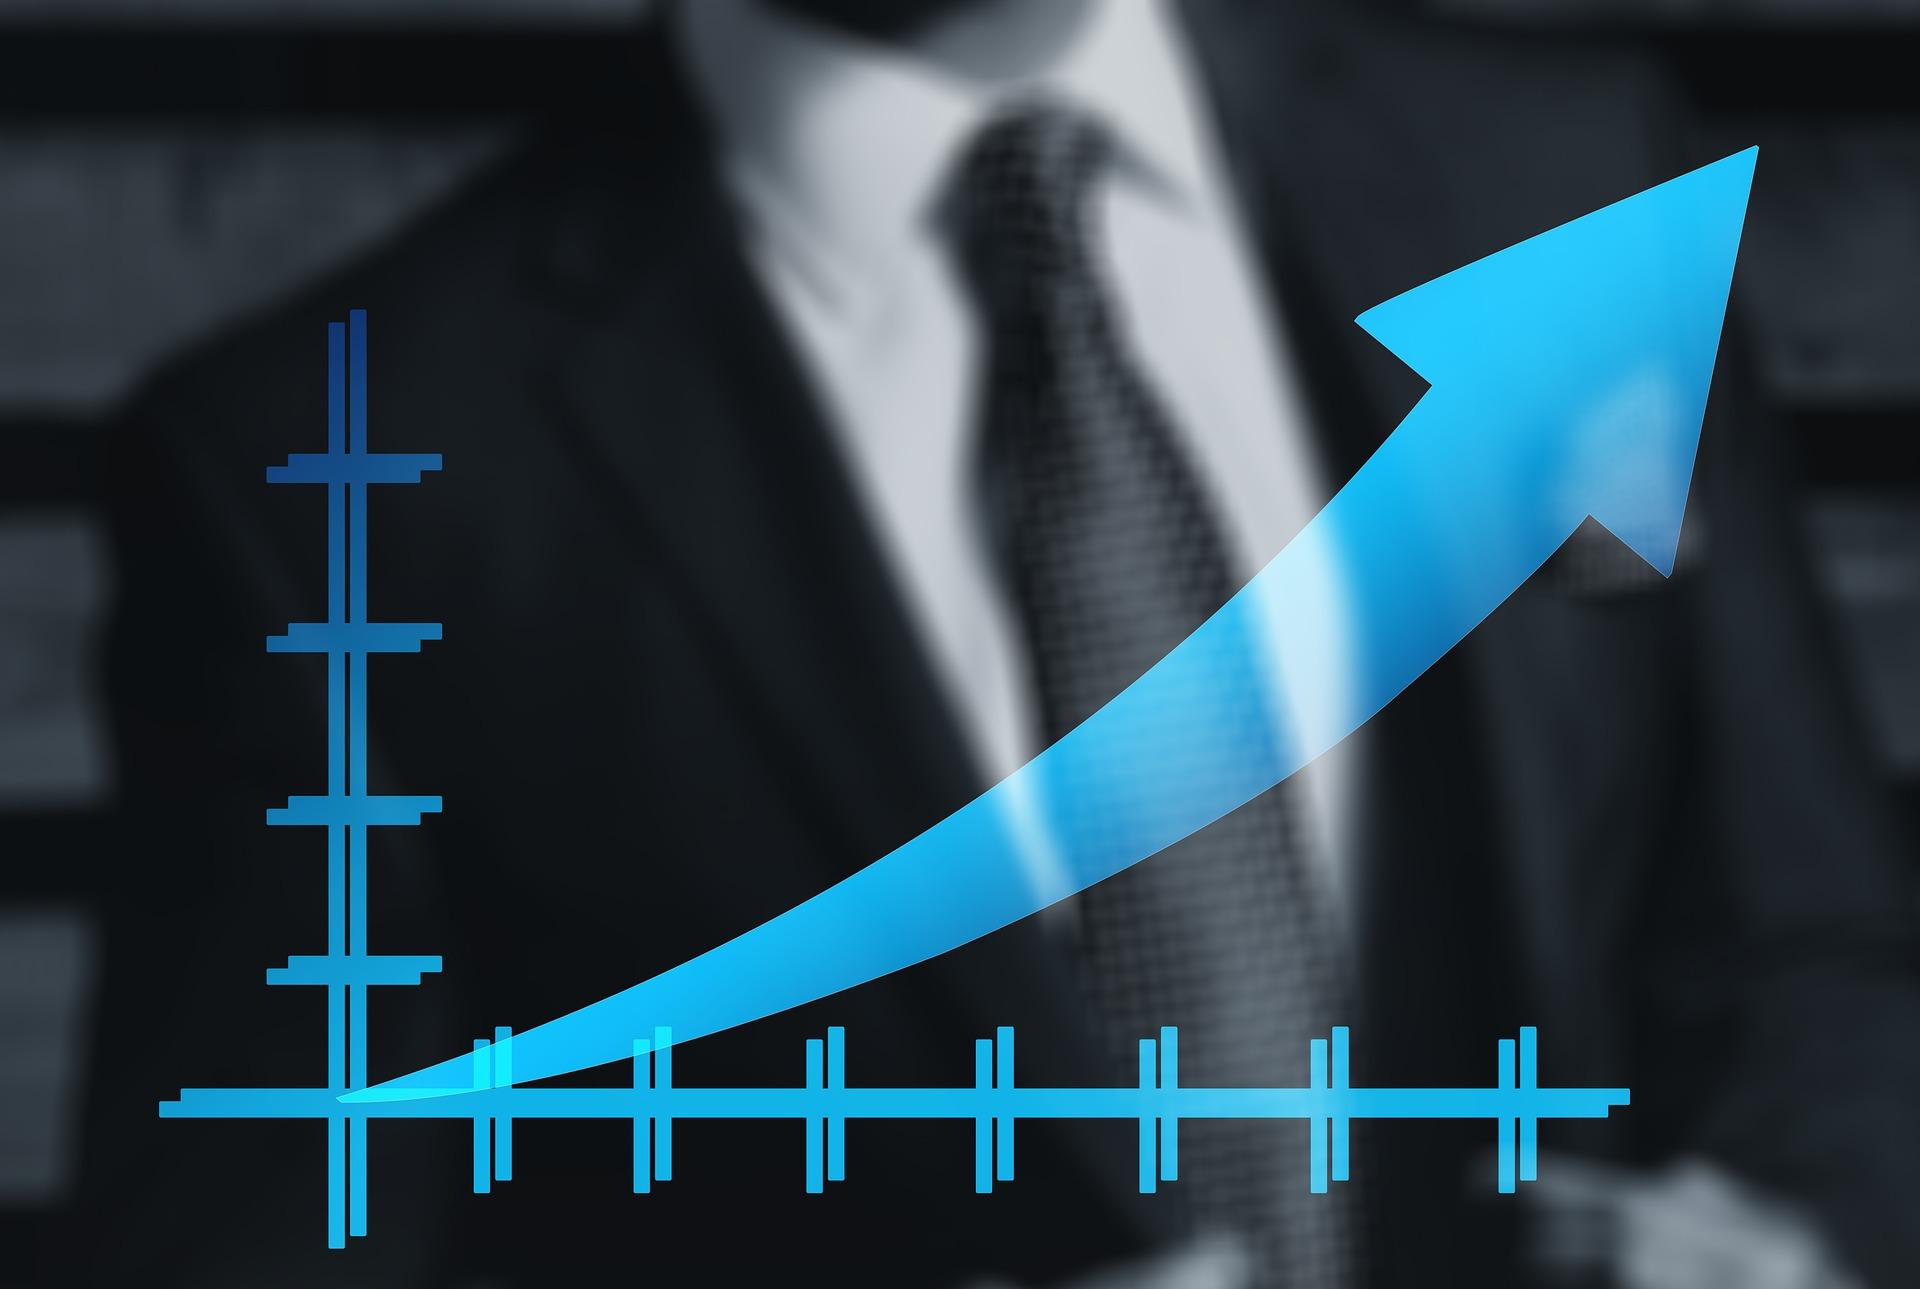 低利益率銘柄に投資するメリットその2のアイキャッチ画像